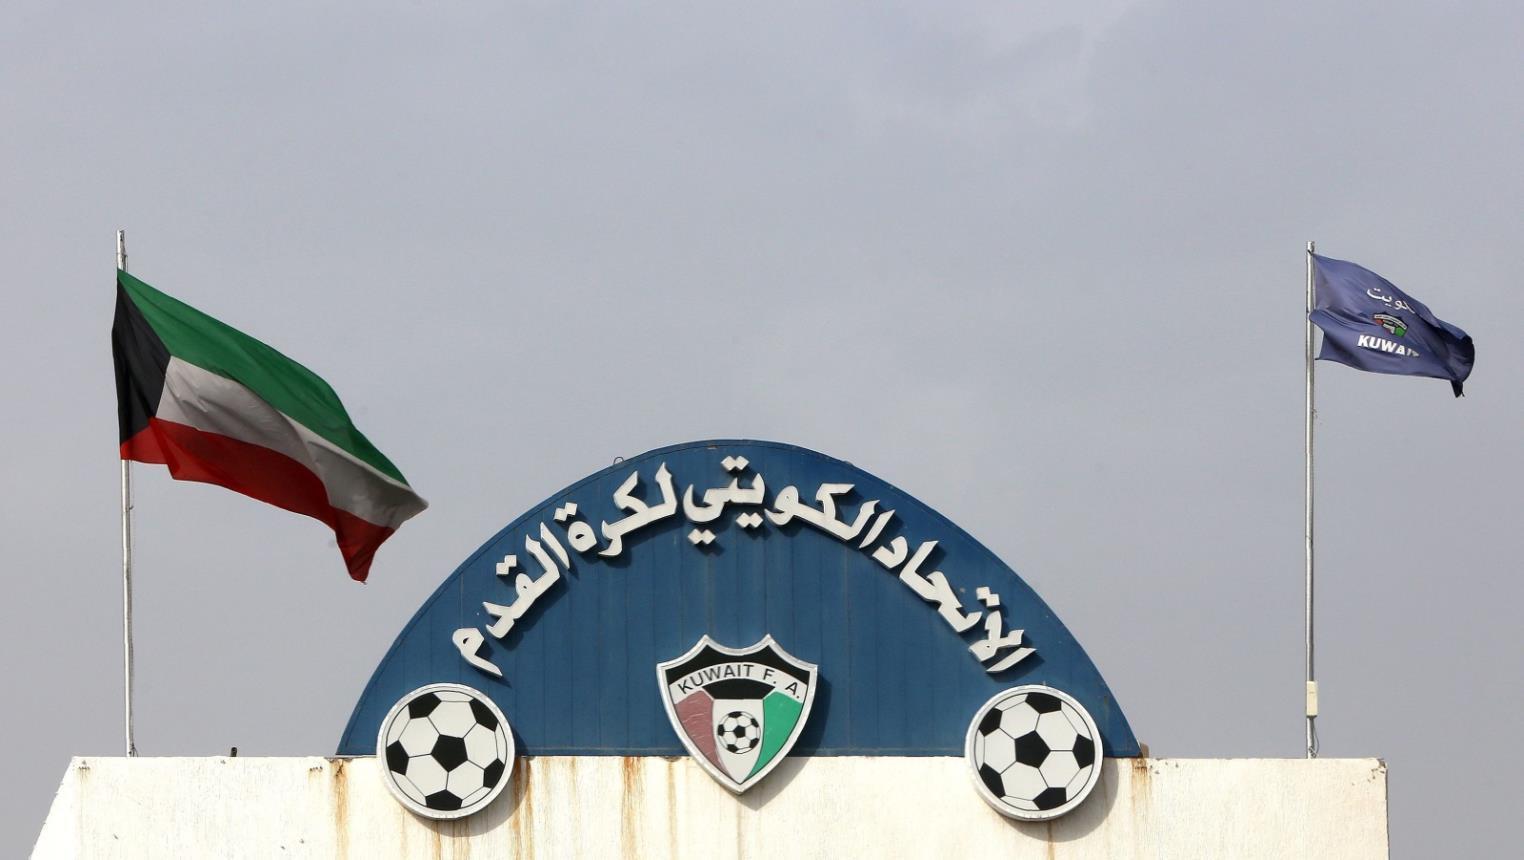 «اتحاد الكرة» يعتمد قرار لجنة المسابقات باعتبار القادسية خاسرا أمام النصر - دوت امارات